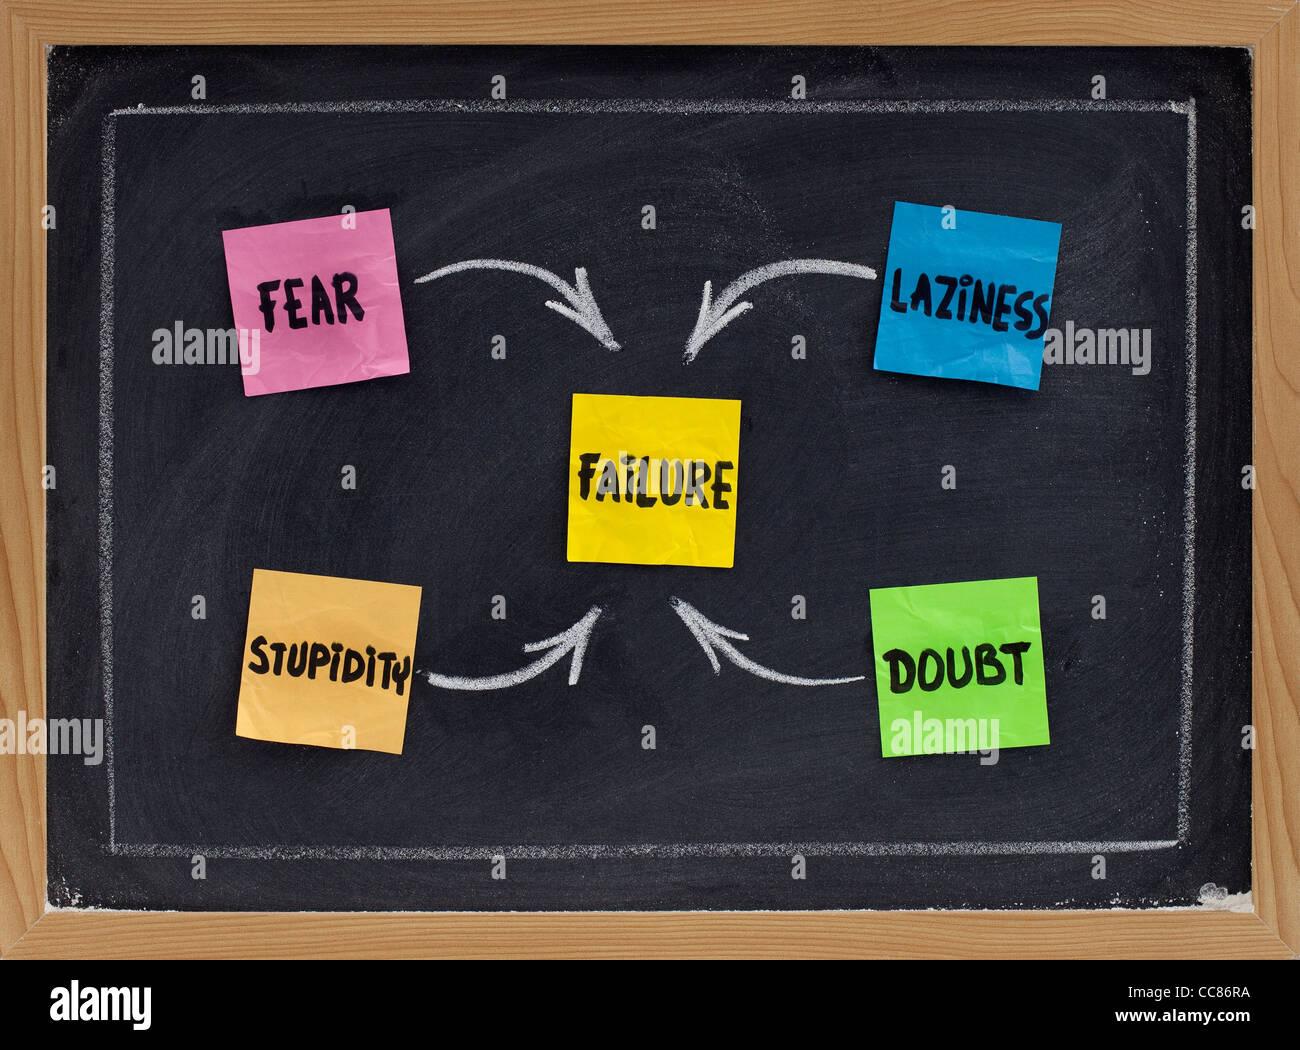 Angst, Zweifel, Faulheit und Dummheit - Faktoren, die zum Ausfall (oder Feinde des Erfolges) - Konzept auf Tafel Stockbild